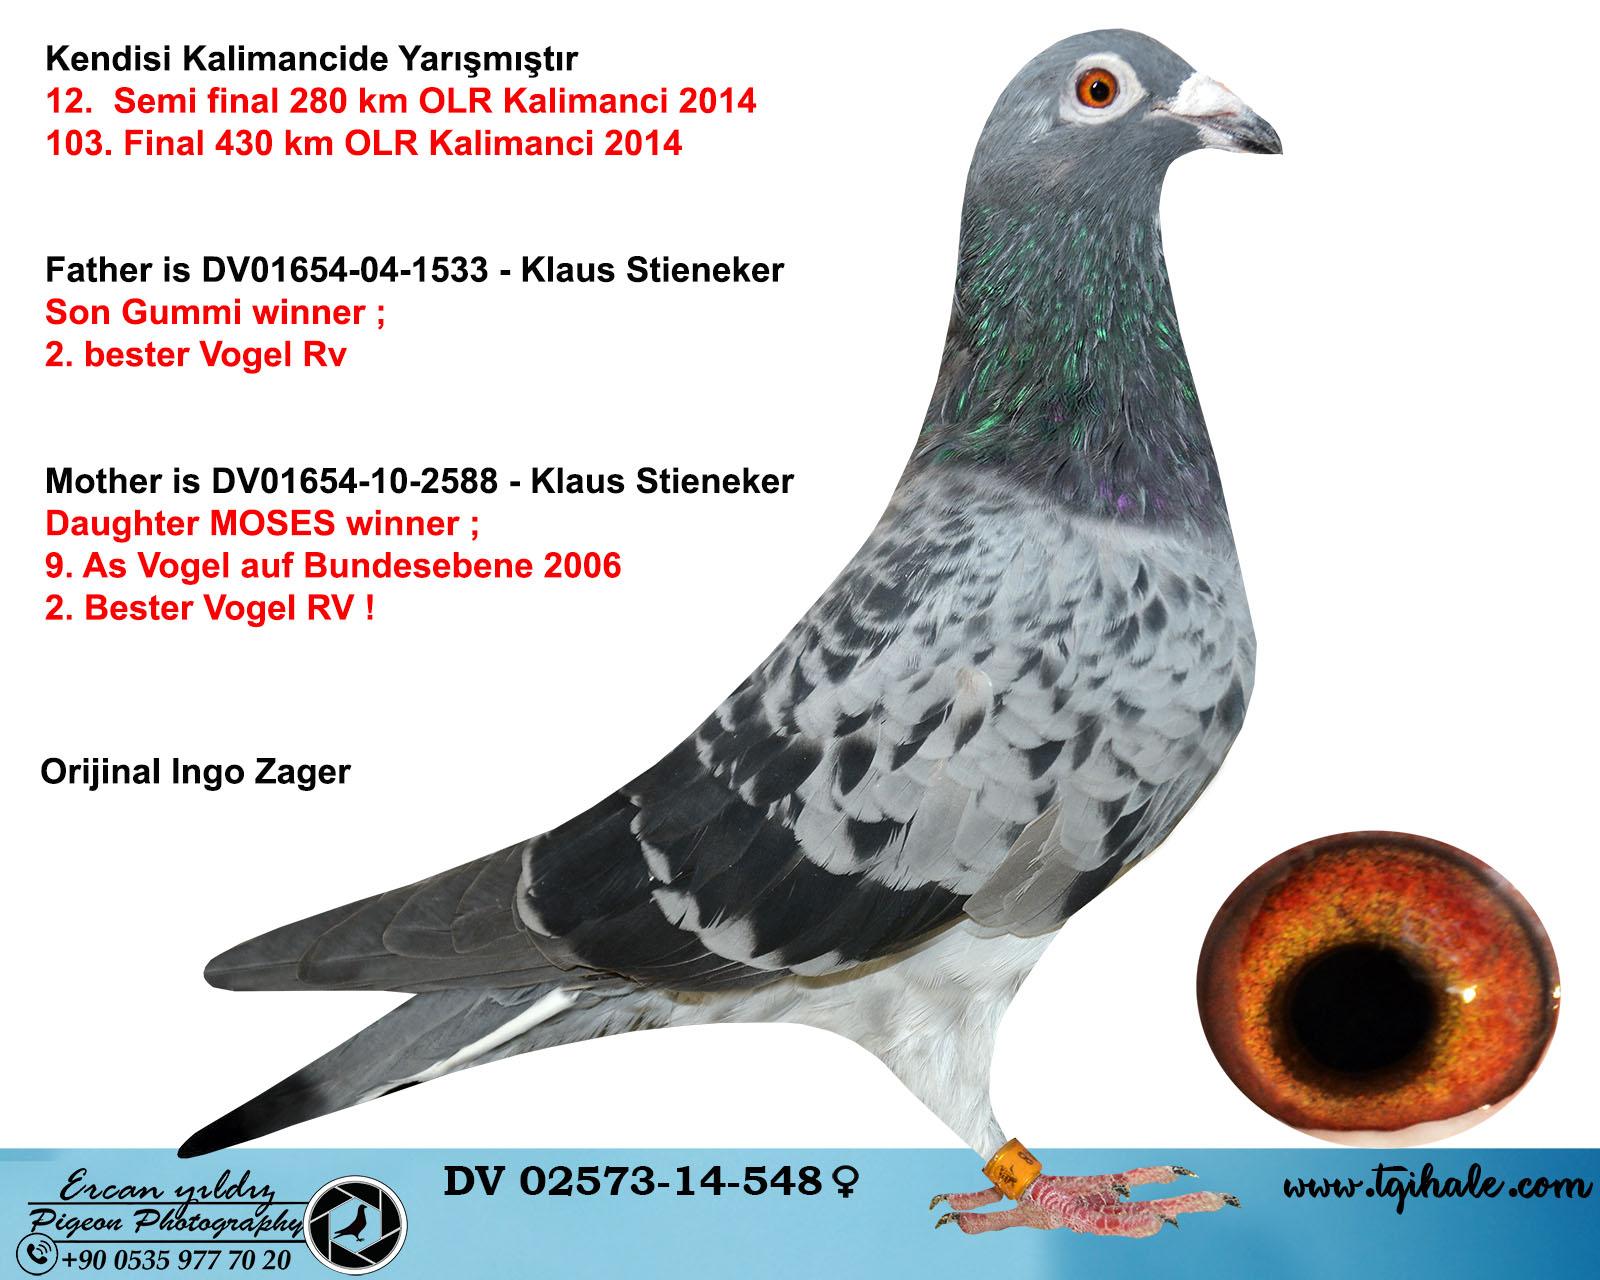 DV02573-14-548 DİŞİ / KUŞUN KENDİSİ KALİMANCİDE YARIŞMIŞTIR .